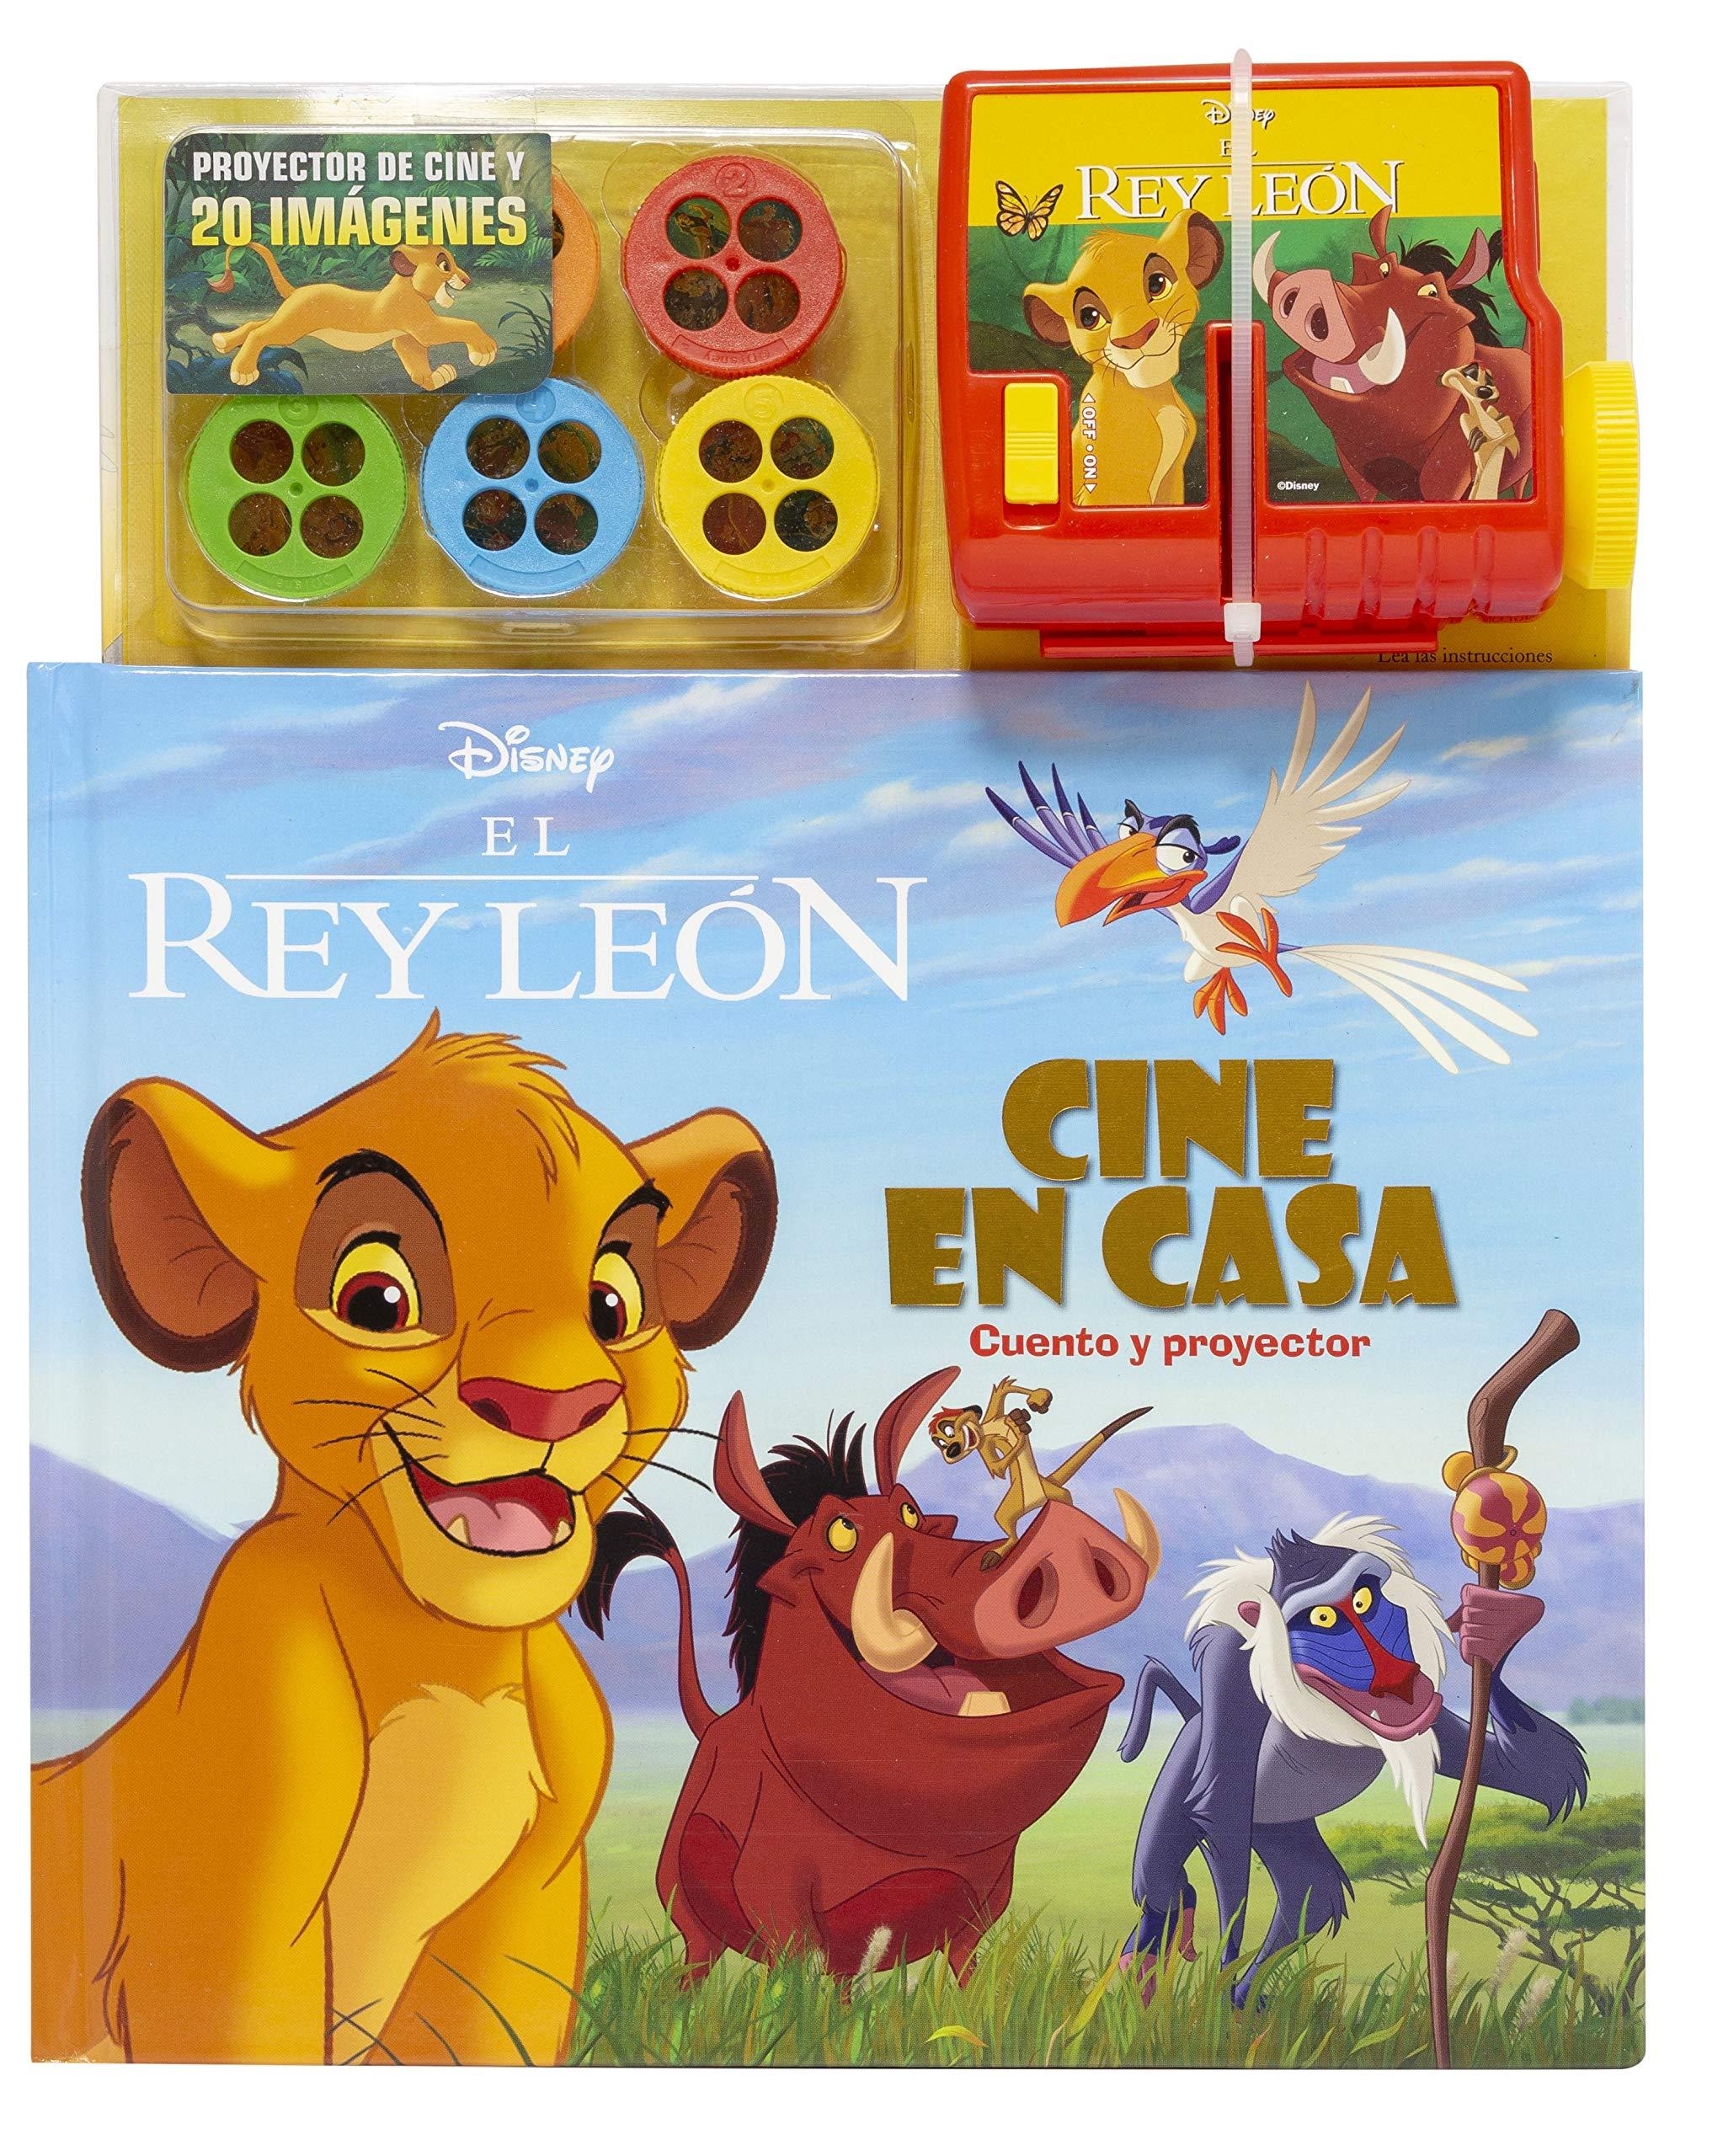 El Rey León. Cine en casa: Cuento y proyector Disney. El Rey León ...